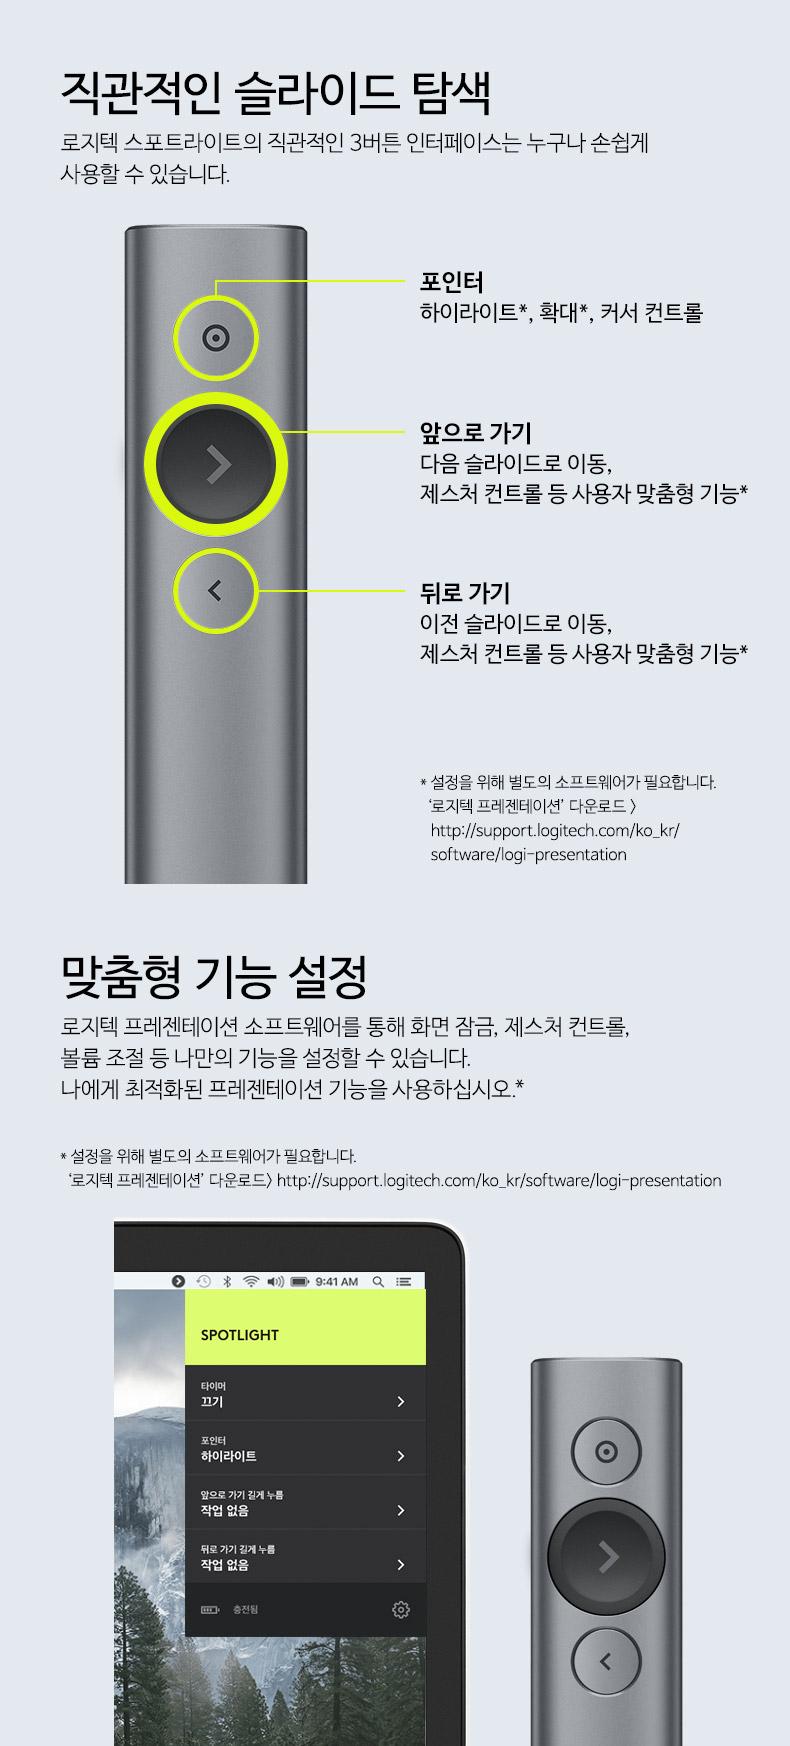 로지텍 스포트라이트 무선 프리젠터 (정품)